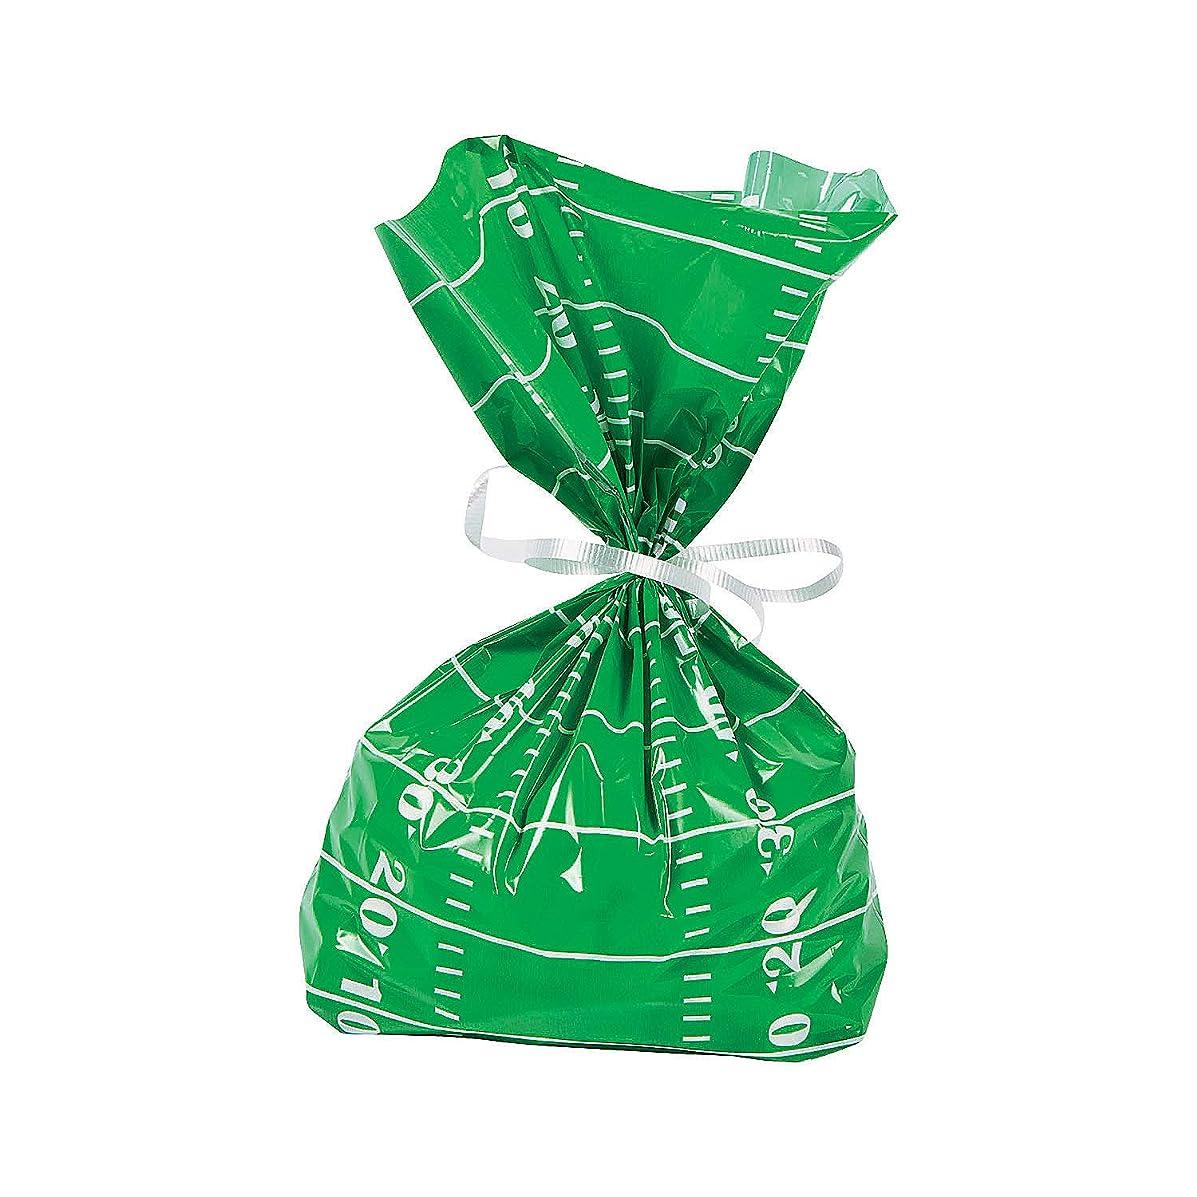 Fun Express - Football Field Cello Bags (dz) - Party Supplies - Bags - Cellophane Bags - 12 Pieces